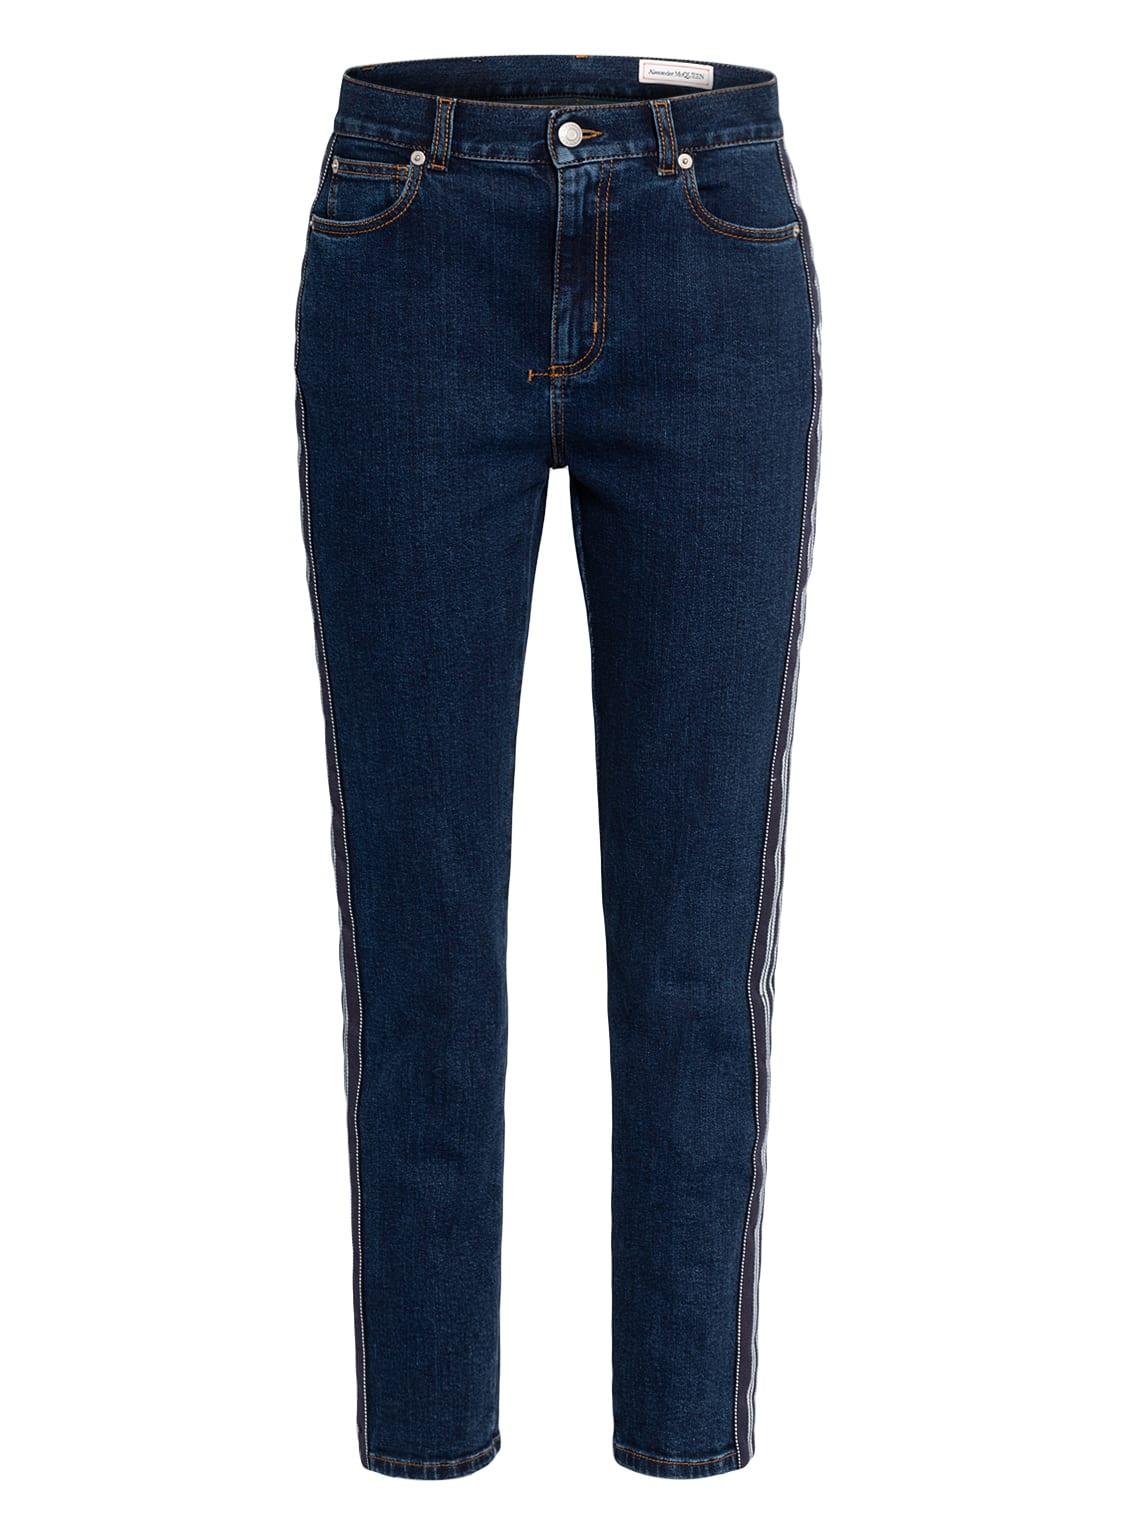 Image of Alexander Mcqueen 7/8-Jeans Mit Galonstreifen blau